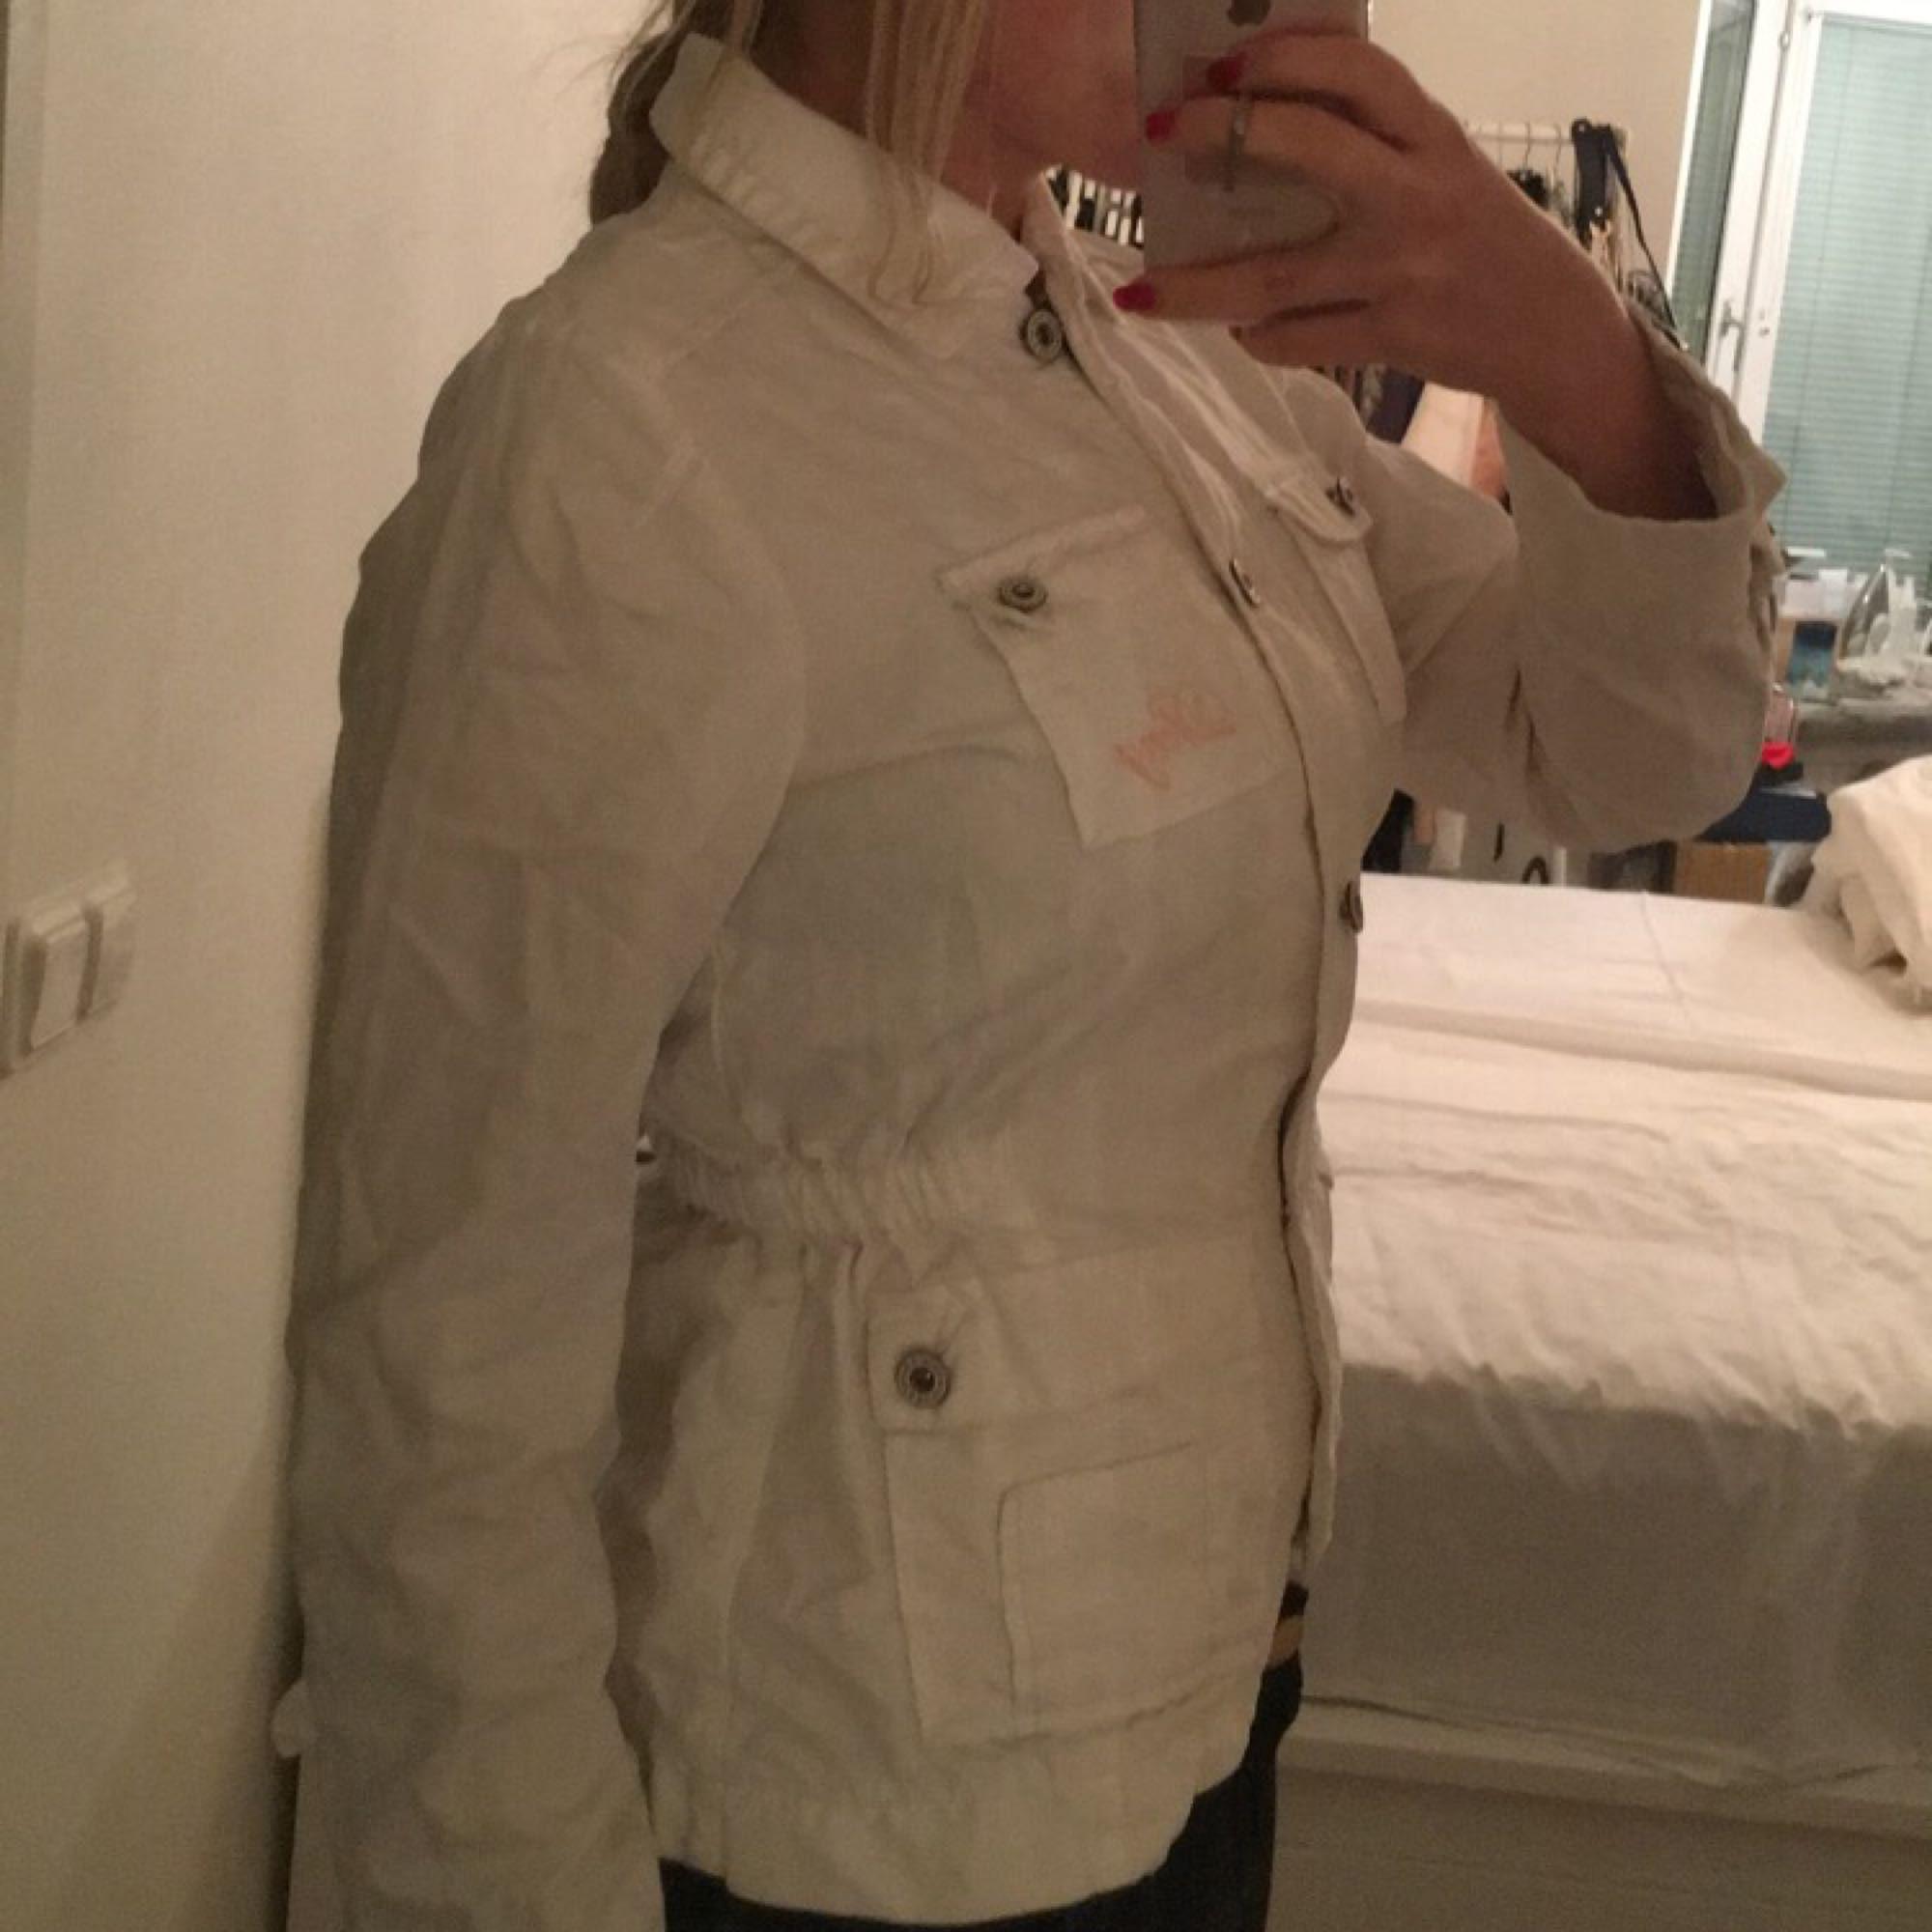 Jättefin jacka från DKNY med resprband i midjan så man ser smalare ut! Storlek Small/medium. I nyskick, ej använd.. Jackor.